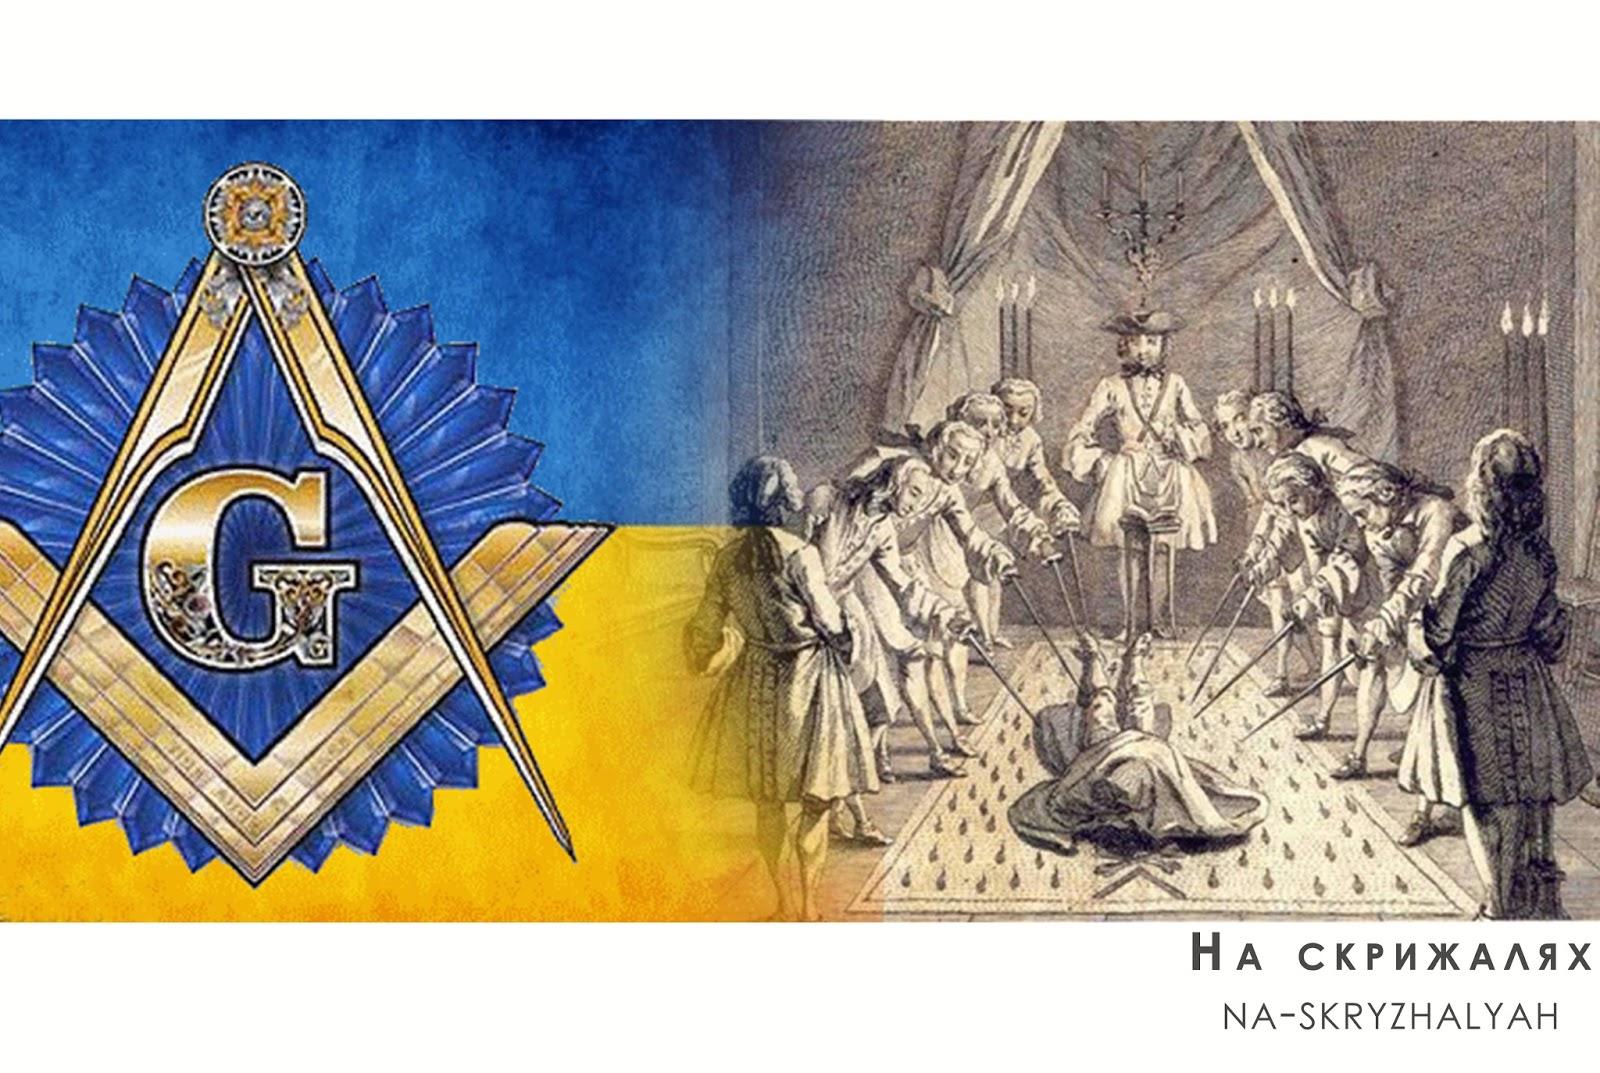 Конституційна конспірологія, або Де прорахувались «масони» від КСУ